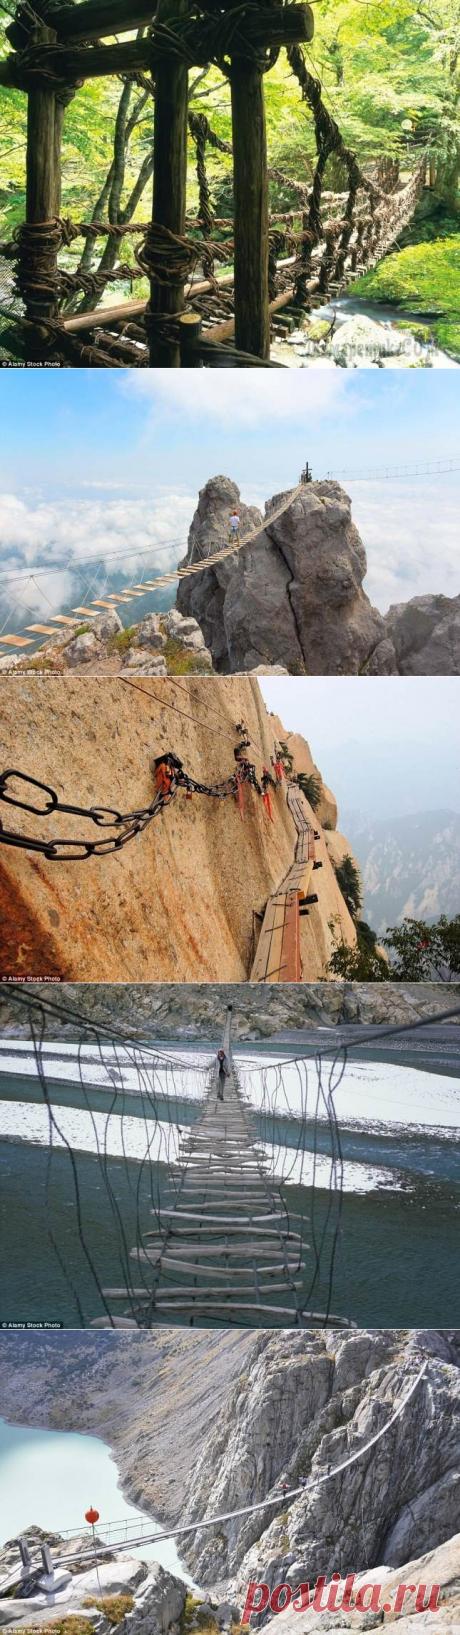 Самые опасные и страшные мосты в мире